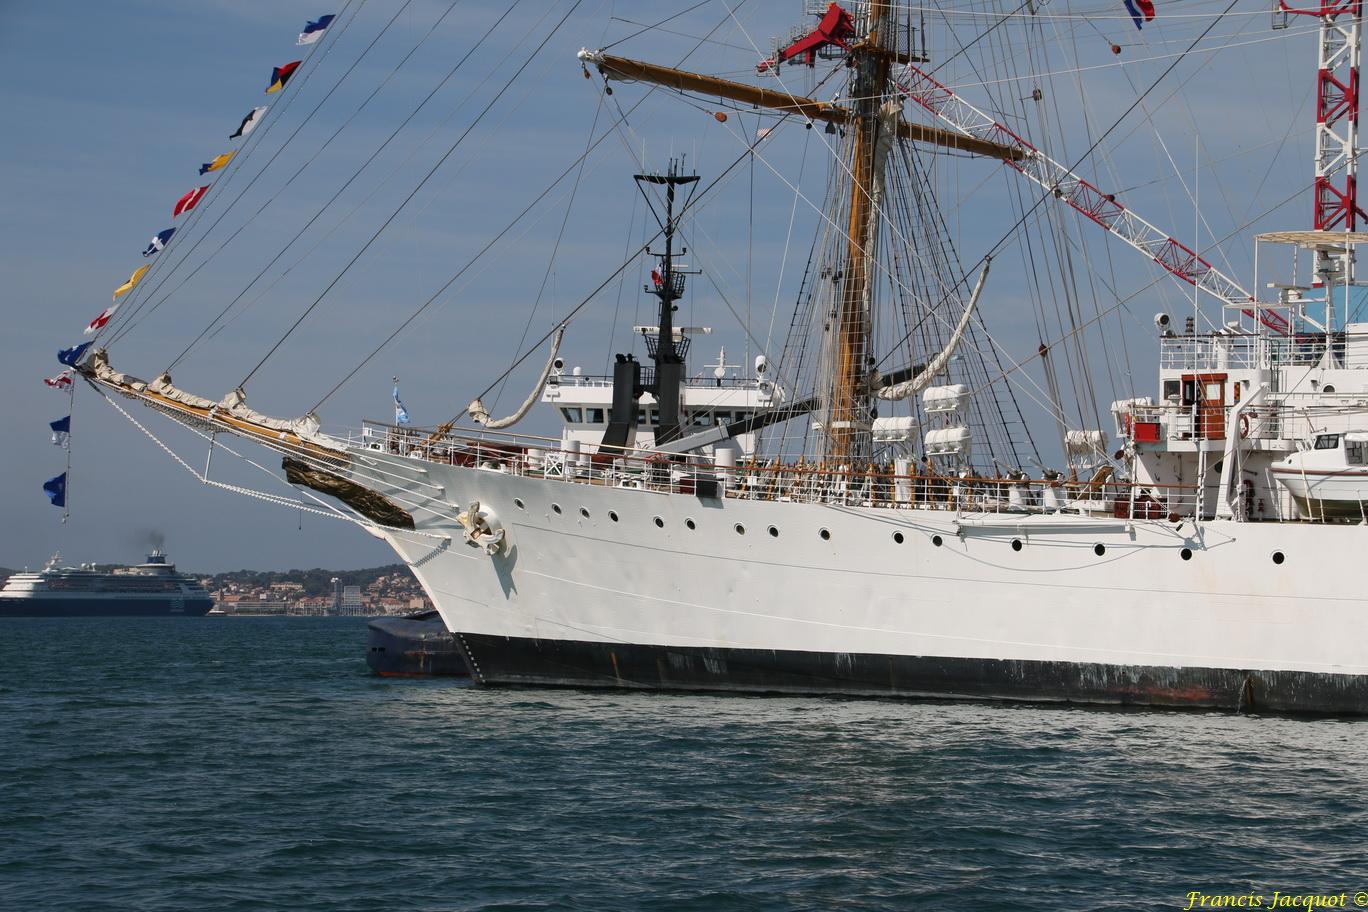 [ Marine à voile ] Vieux gréements - Page 3 3350421502